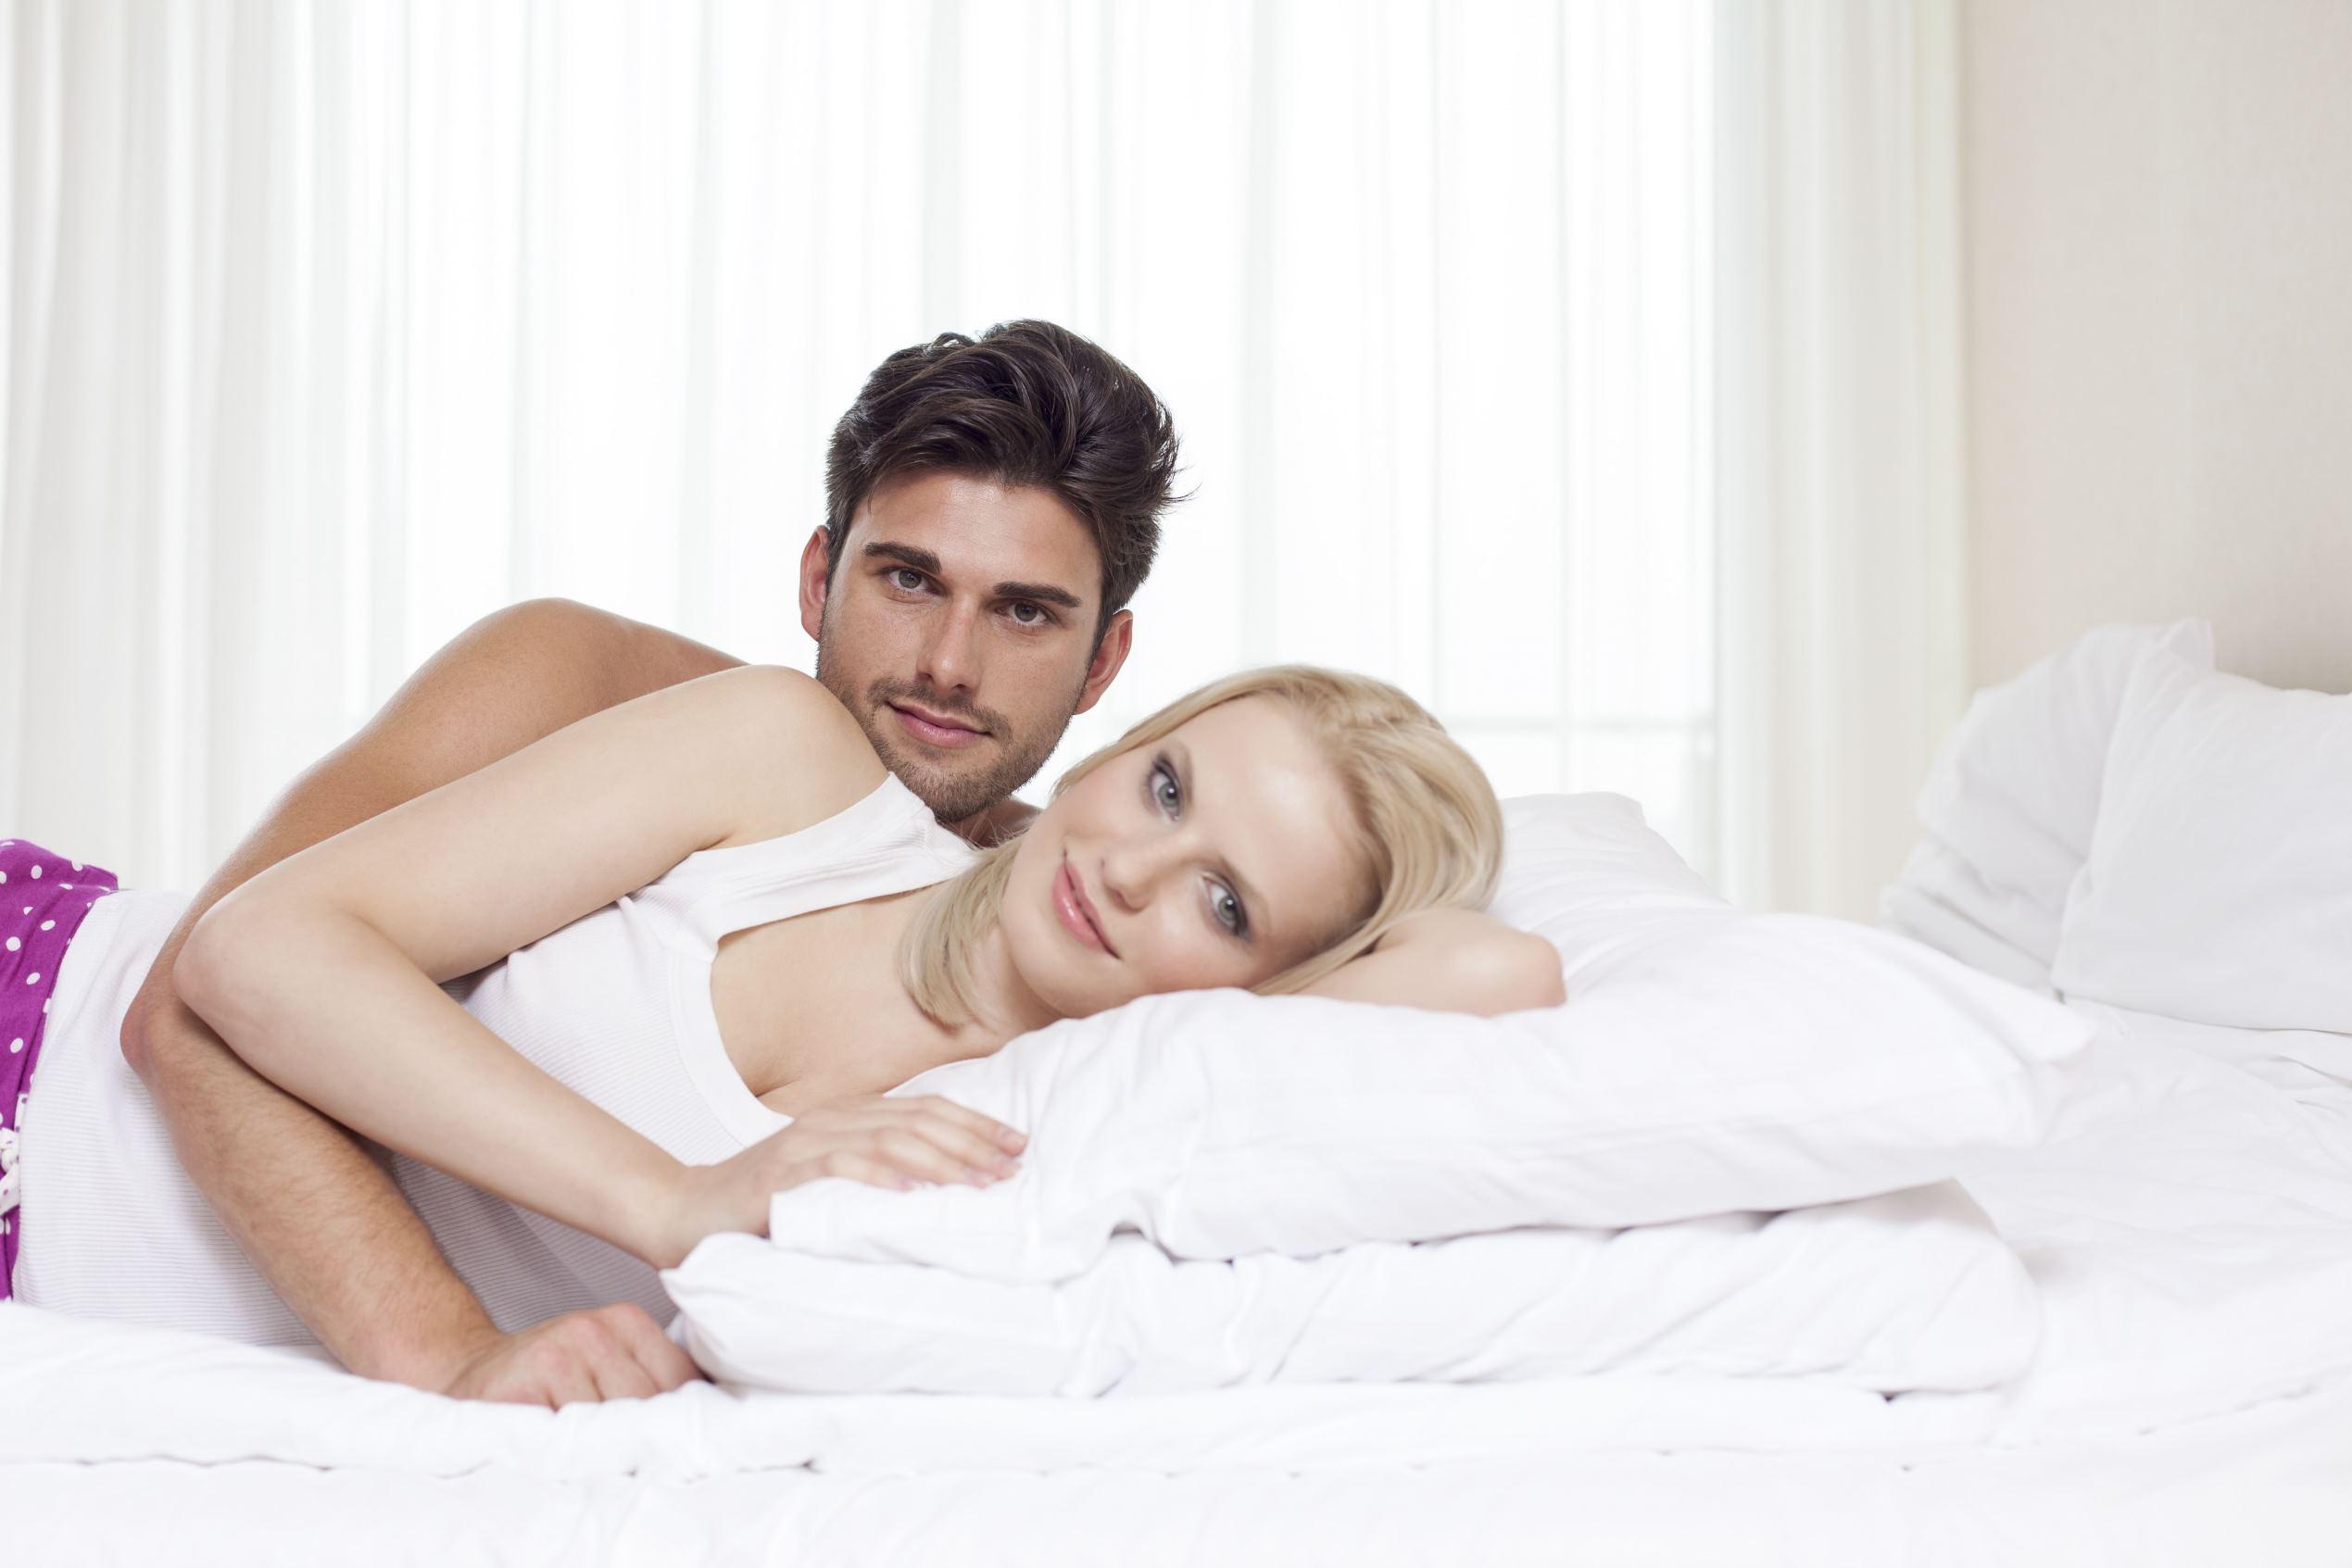 Hindu hastighet dating med shaadi.com